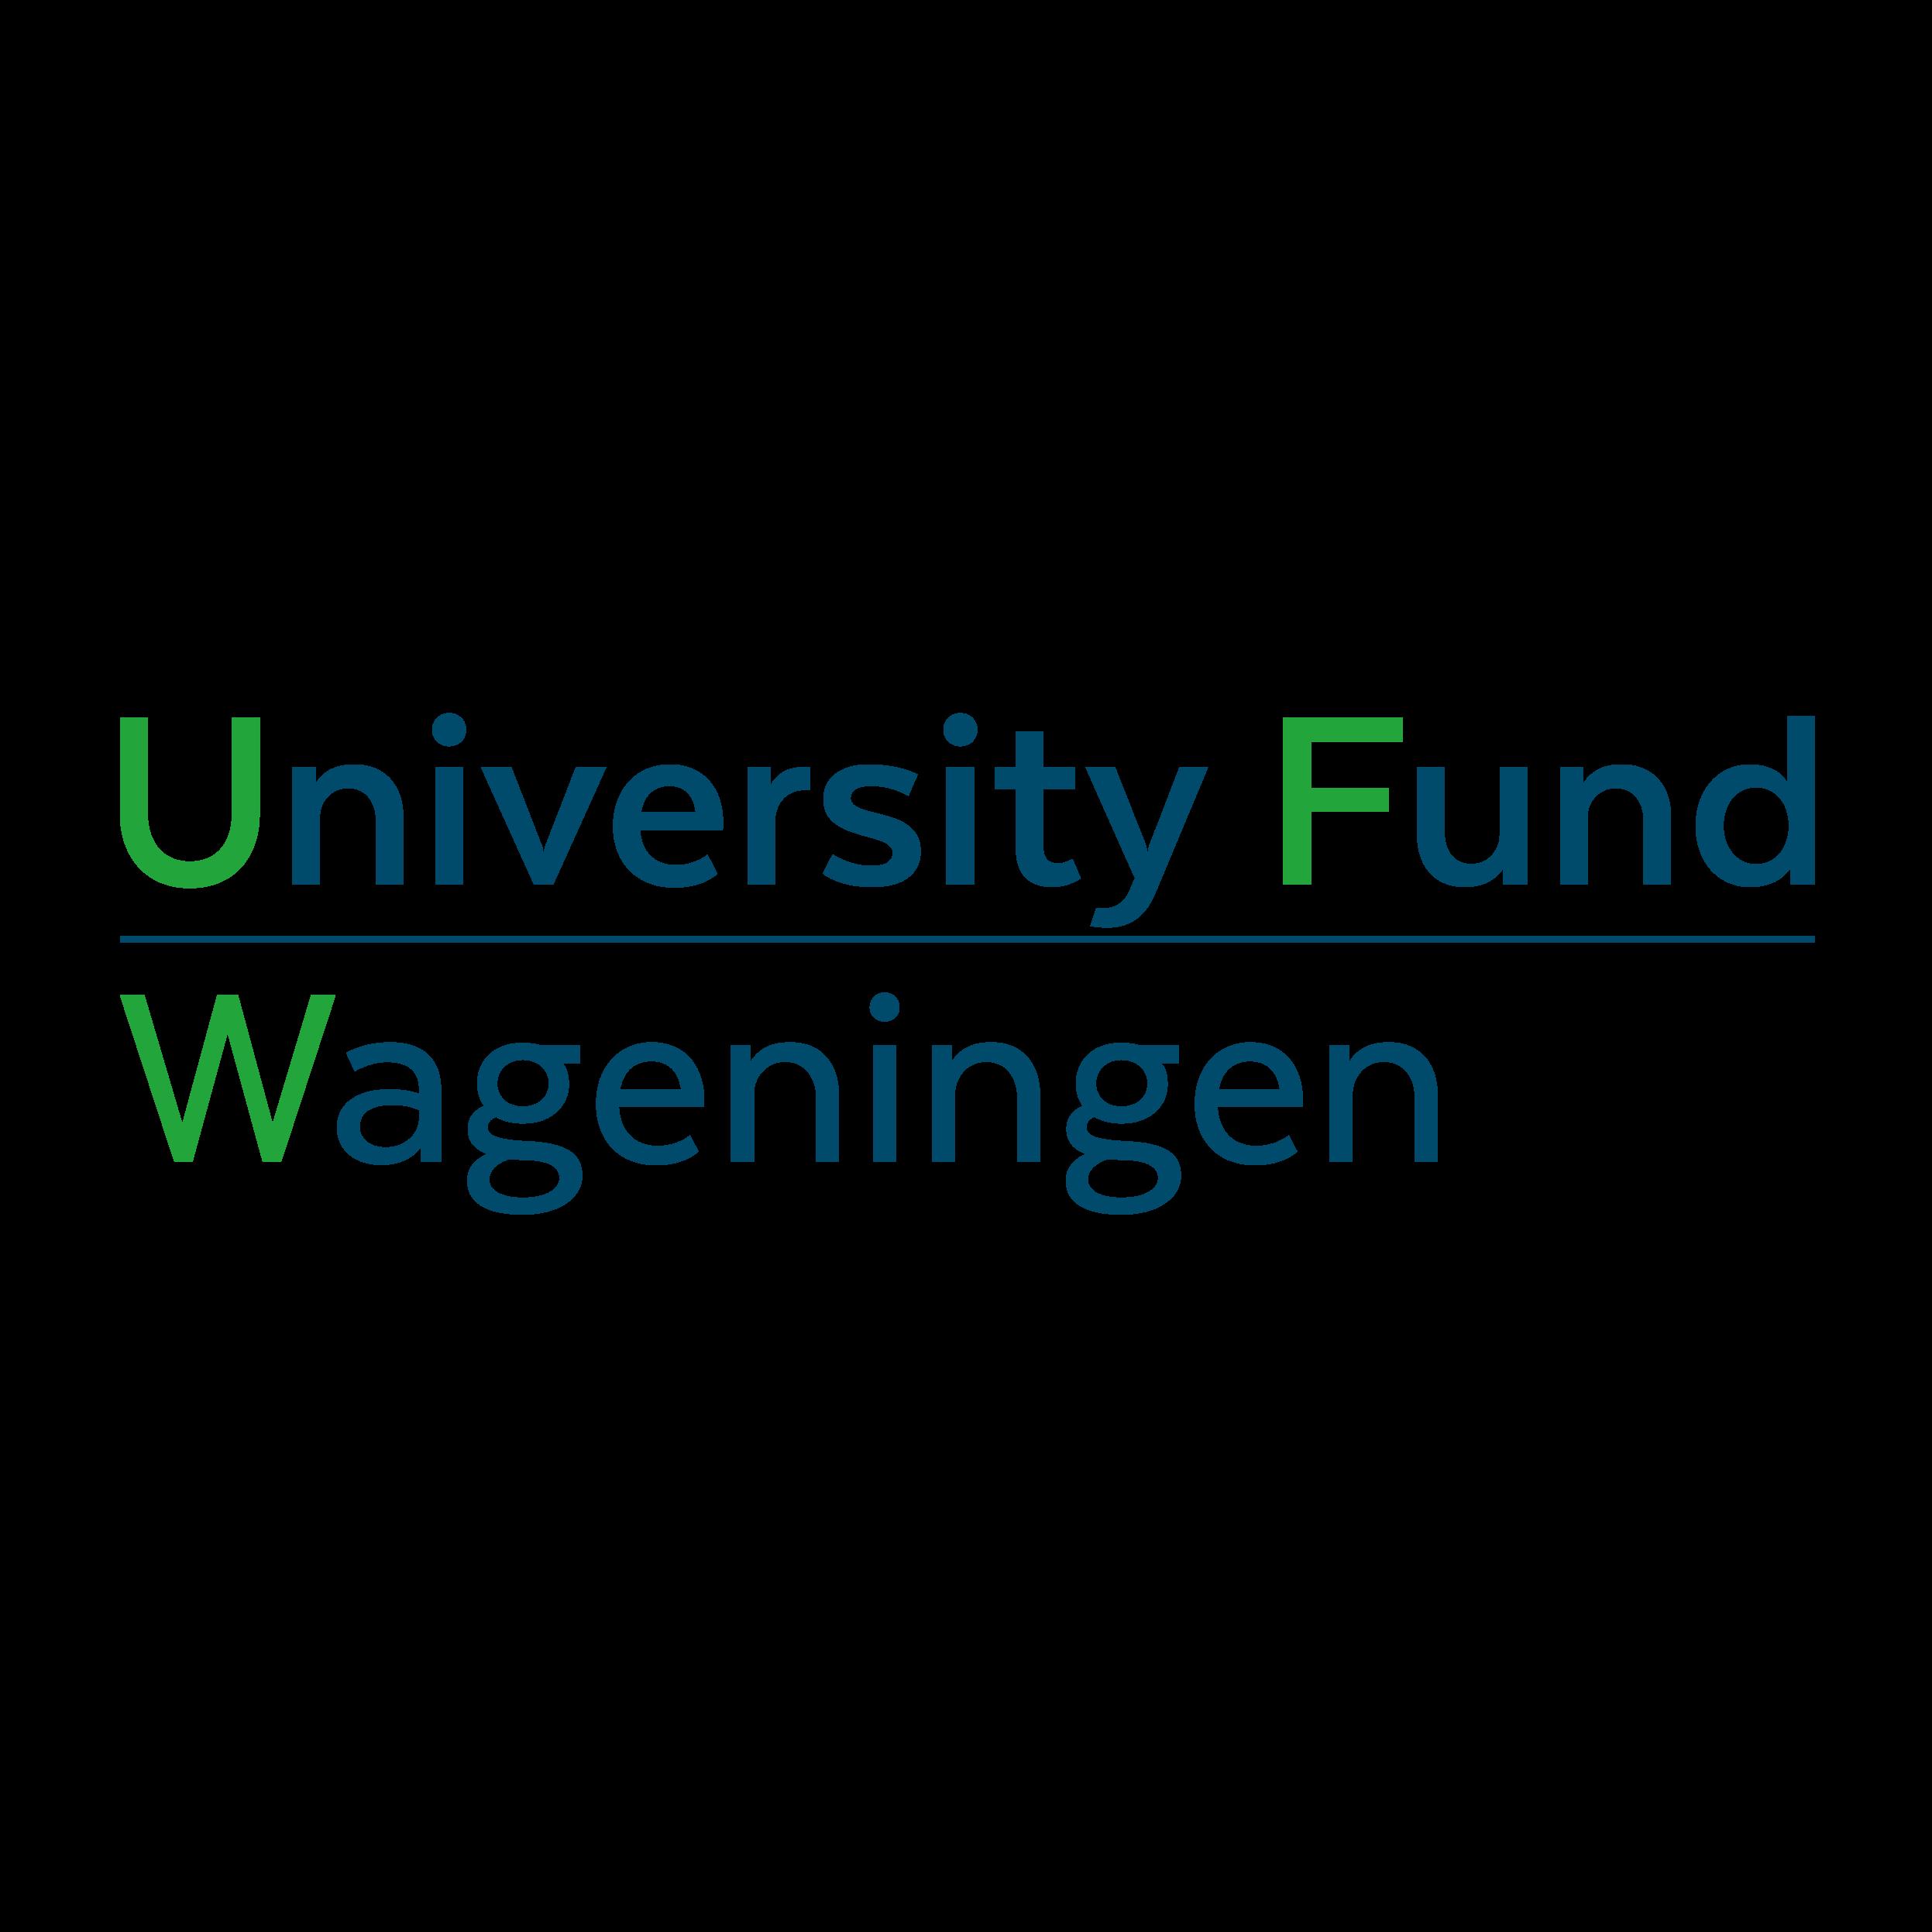 University Fund Wageningen